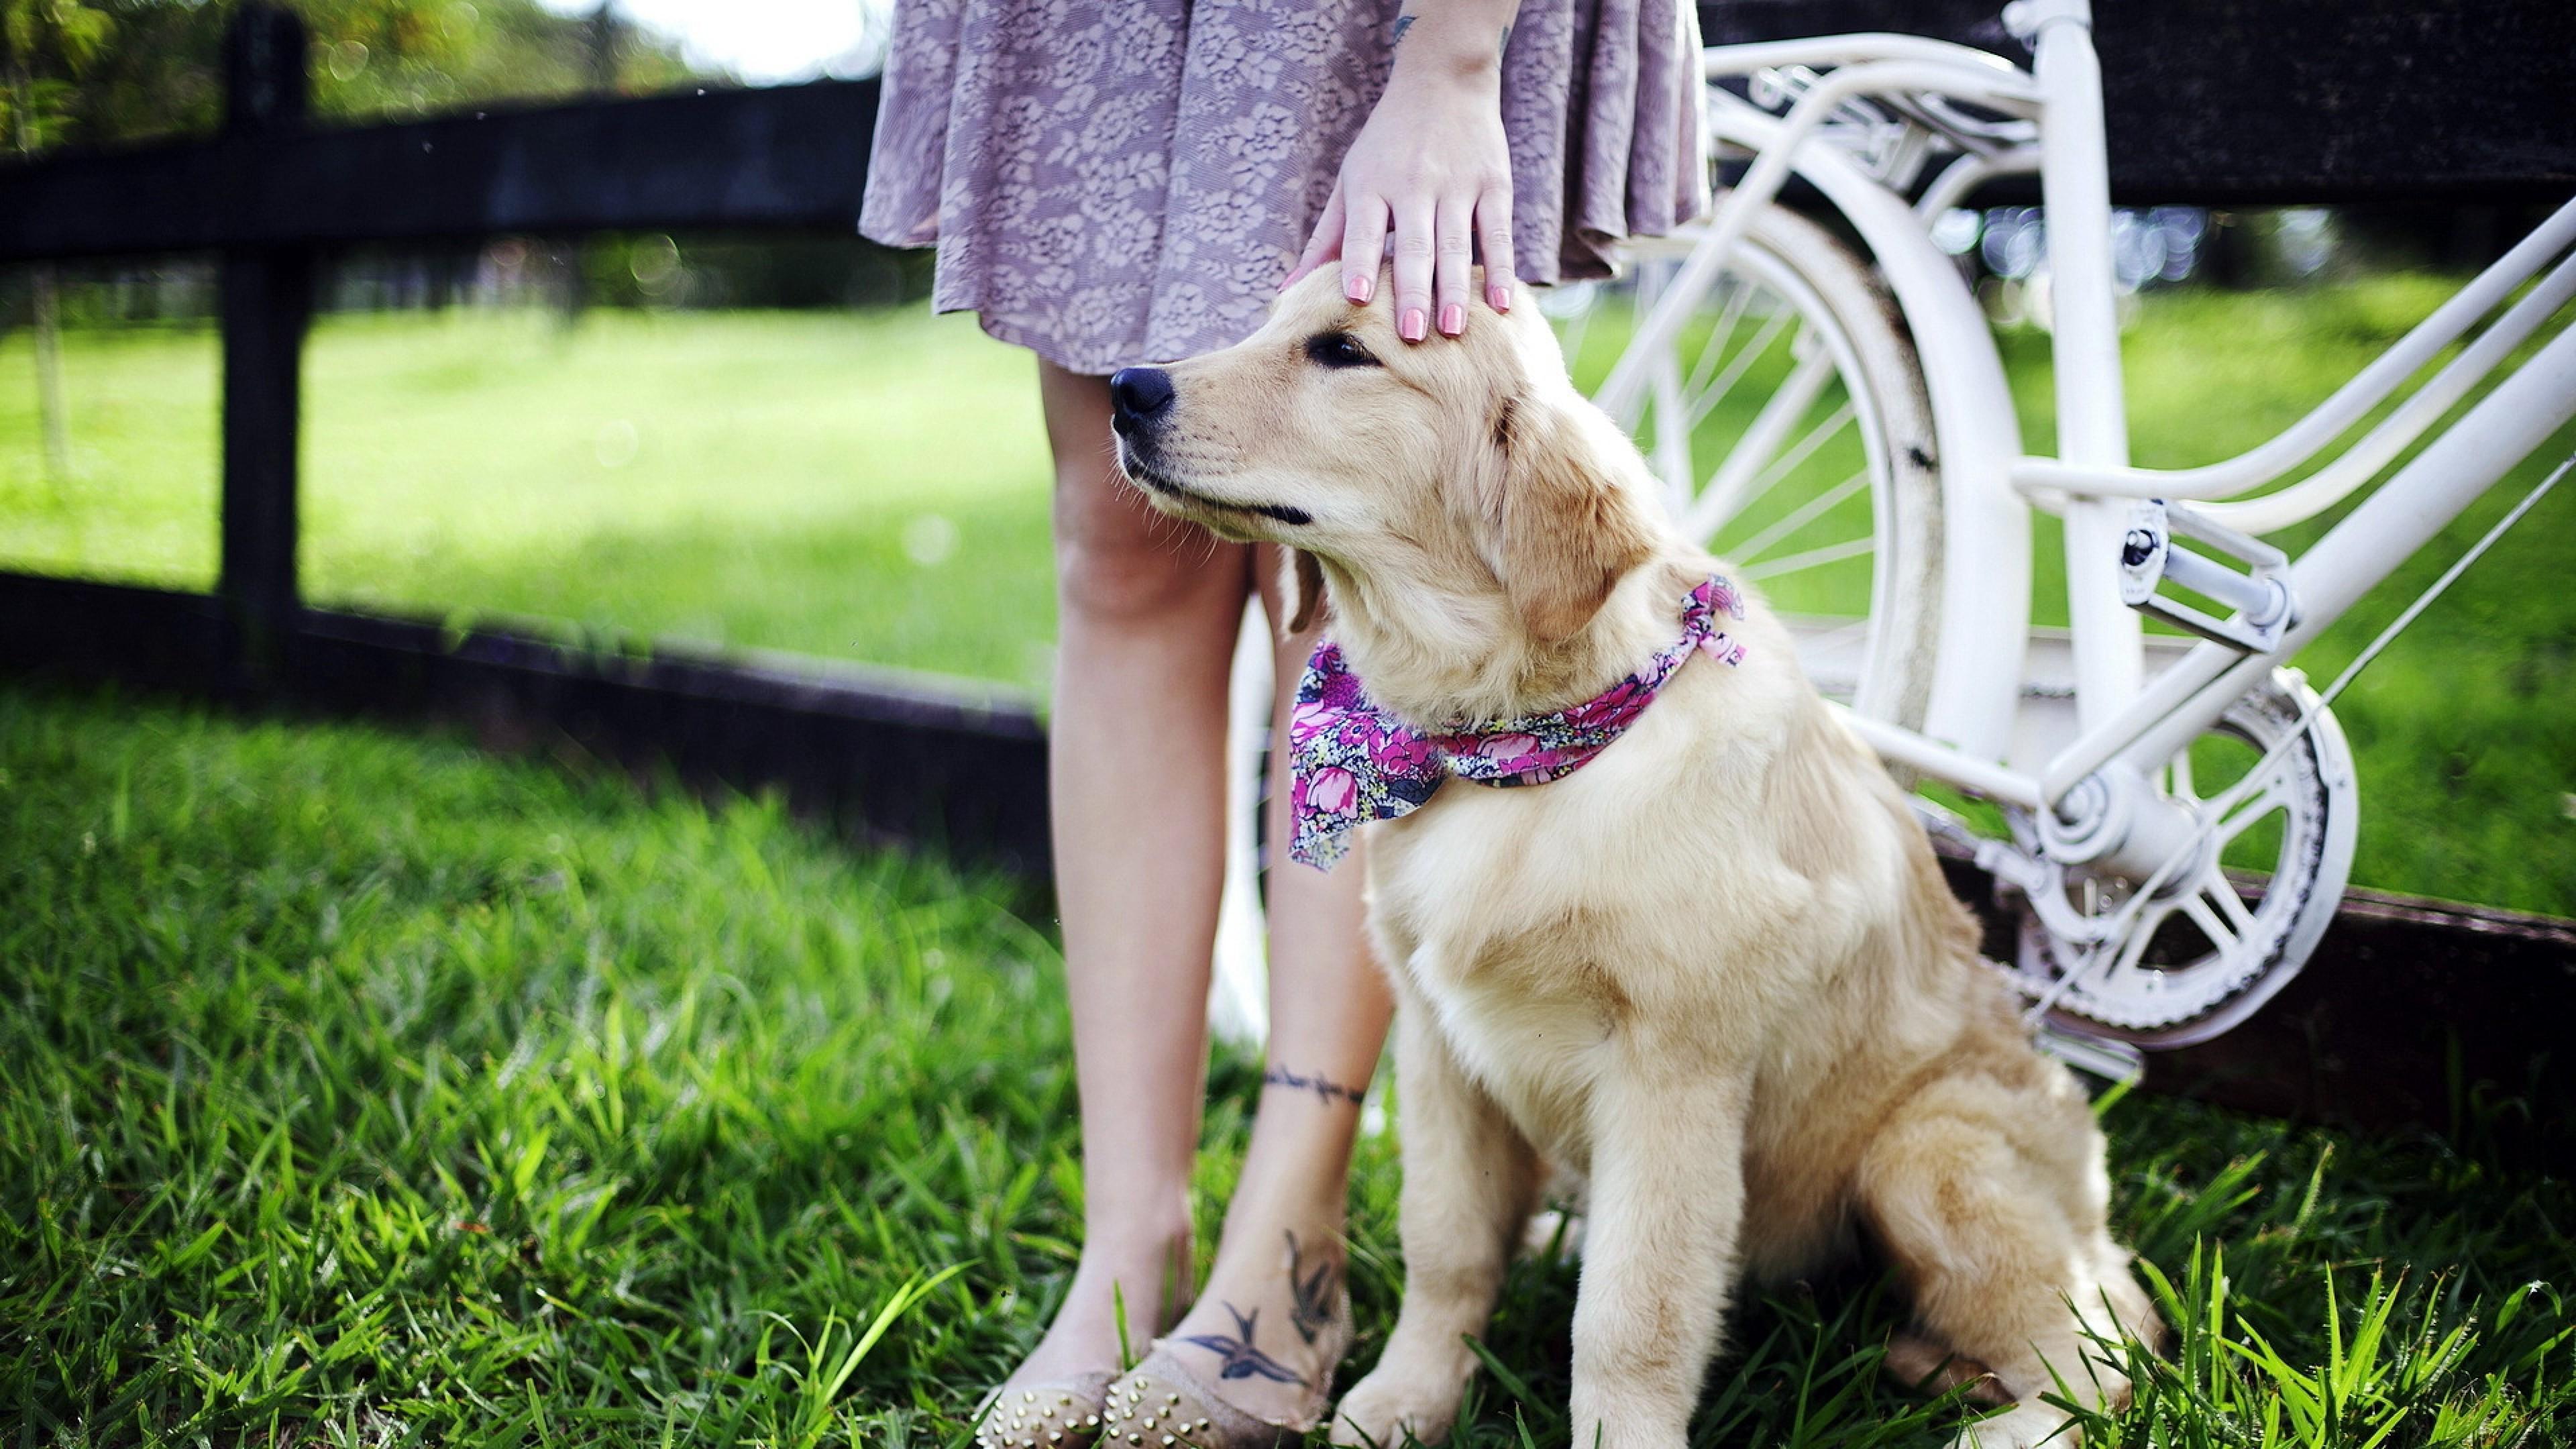 retriever dog 4k 1542237845 - Retriever Dog 4k - labrador retriever wallpapers, dog wallpapers, animals wallpapers